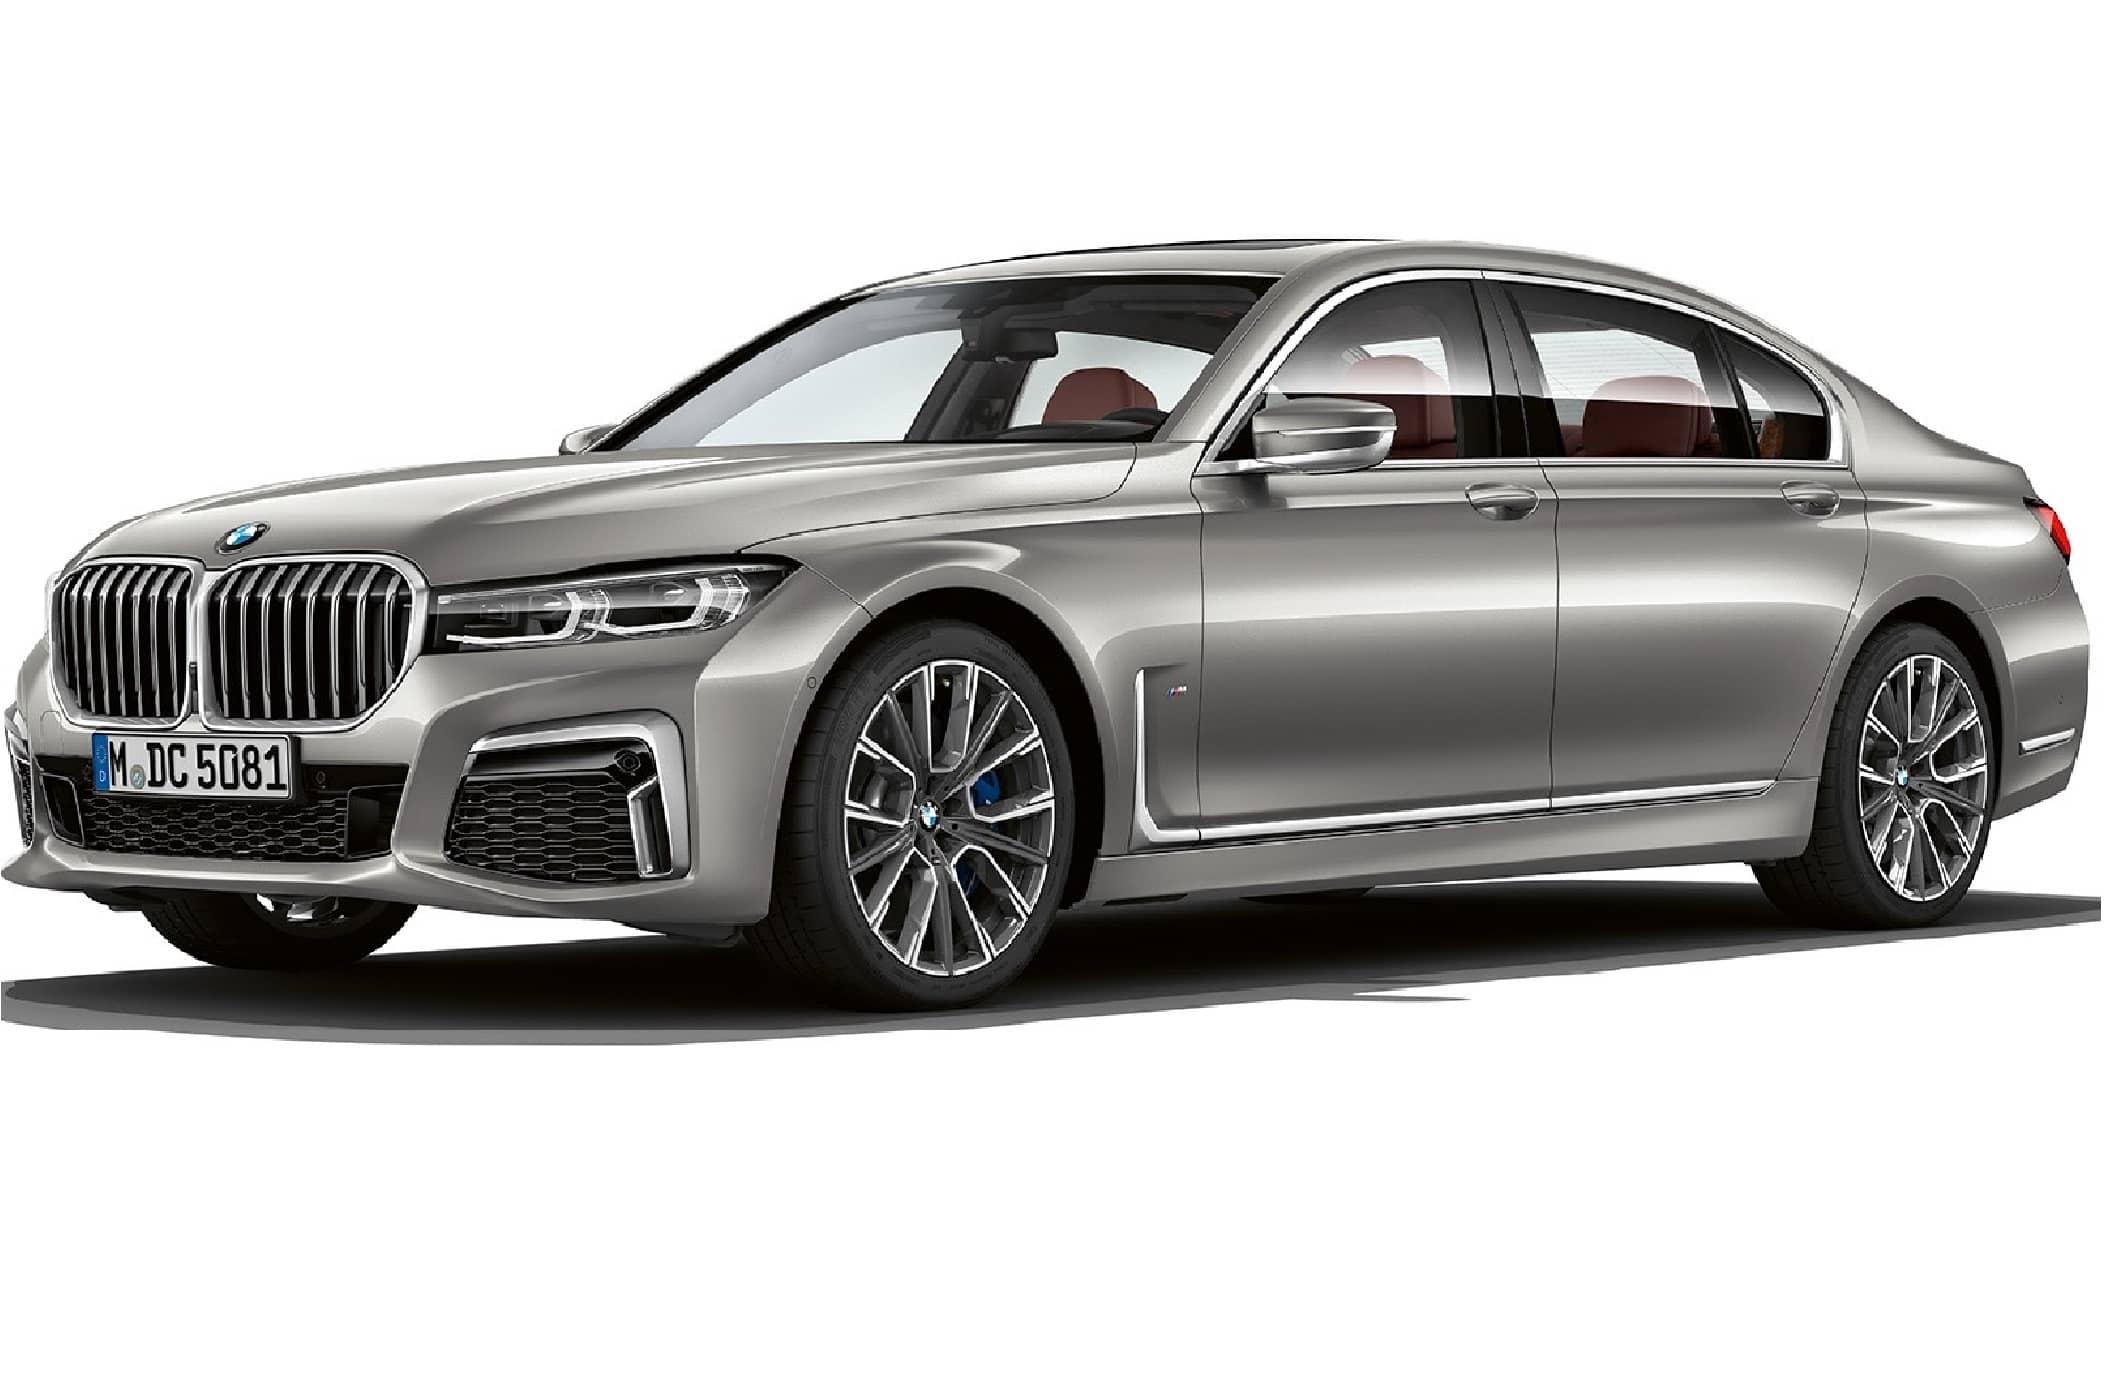 Замена лобового стекла BMW серии 7